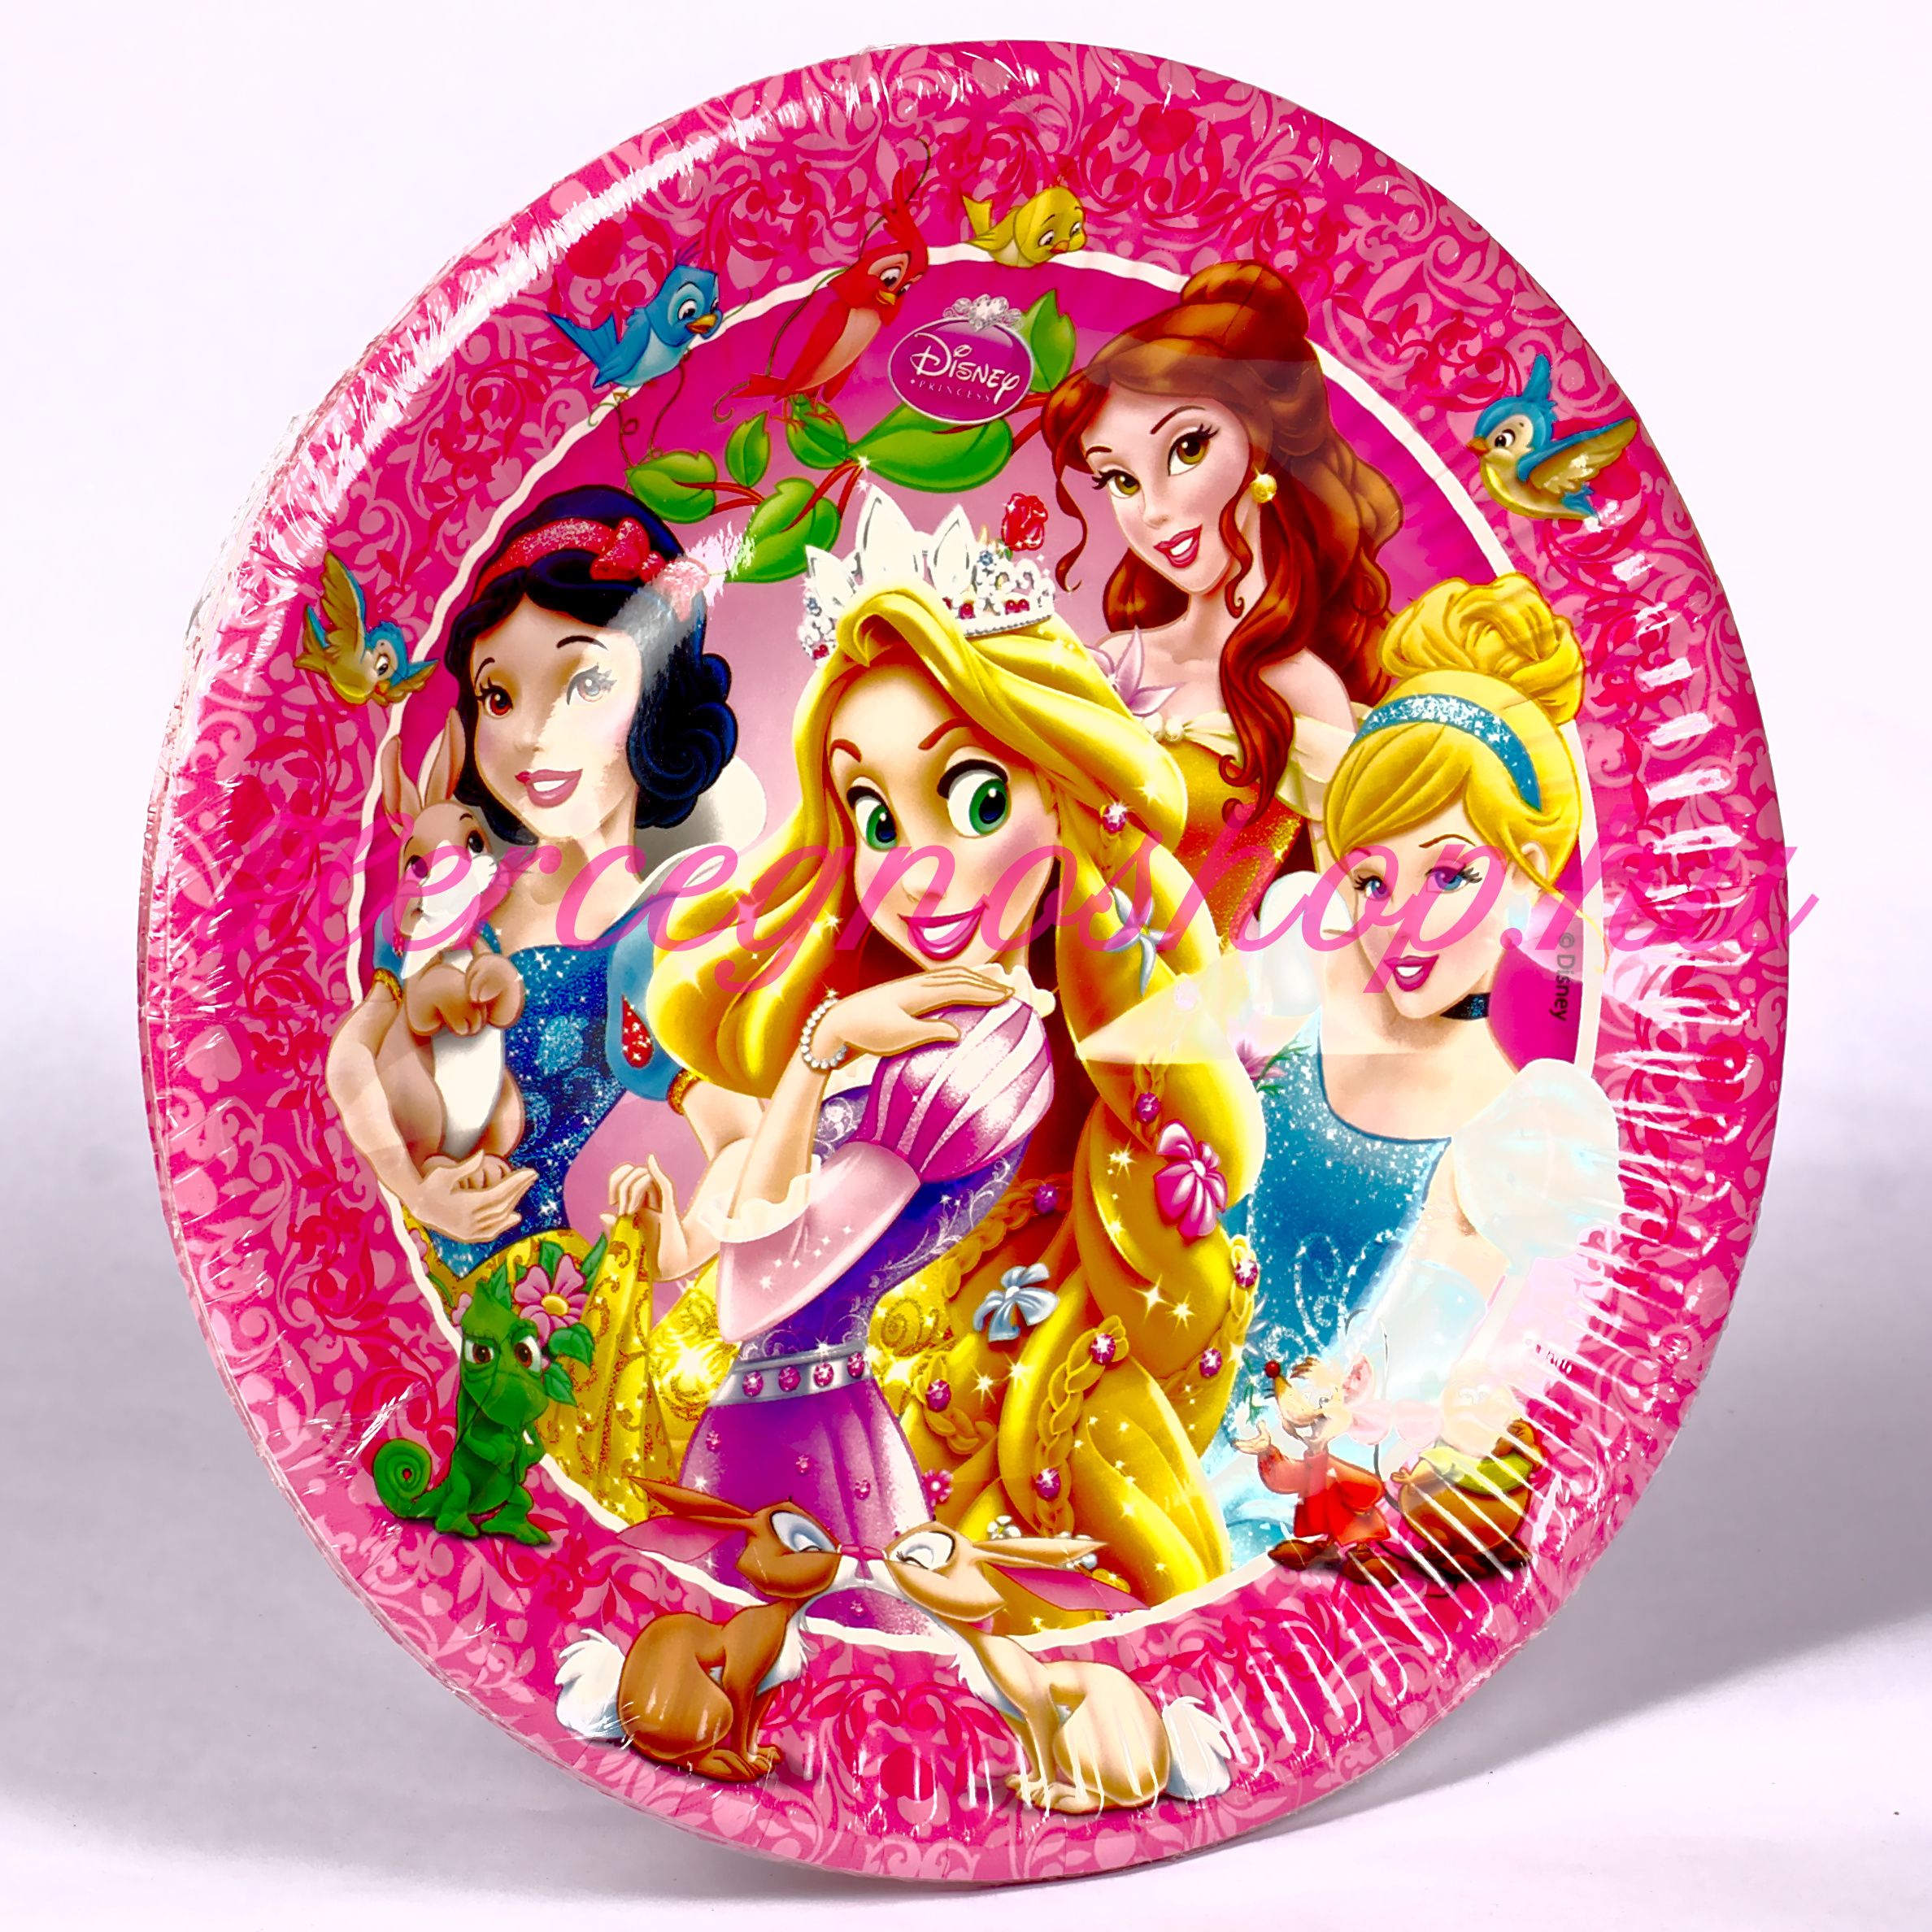 Disney hercegnők papírtányér (Disney Princess) 2a8e86b66b